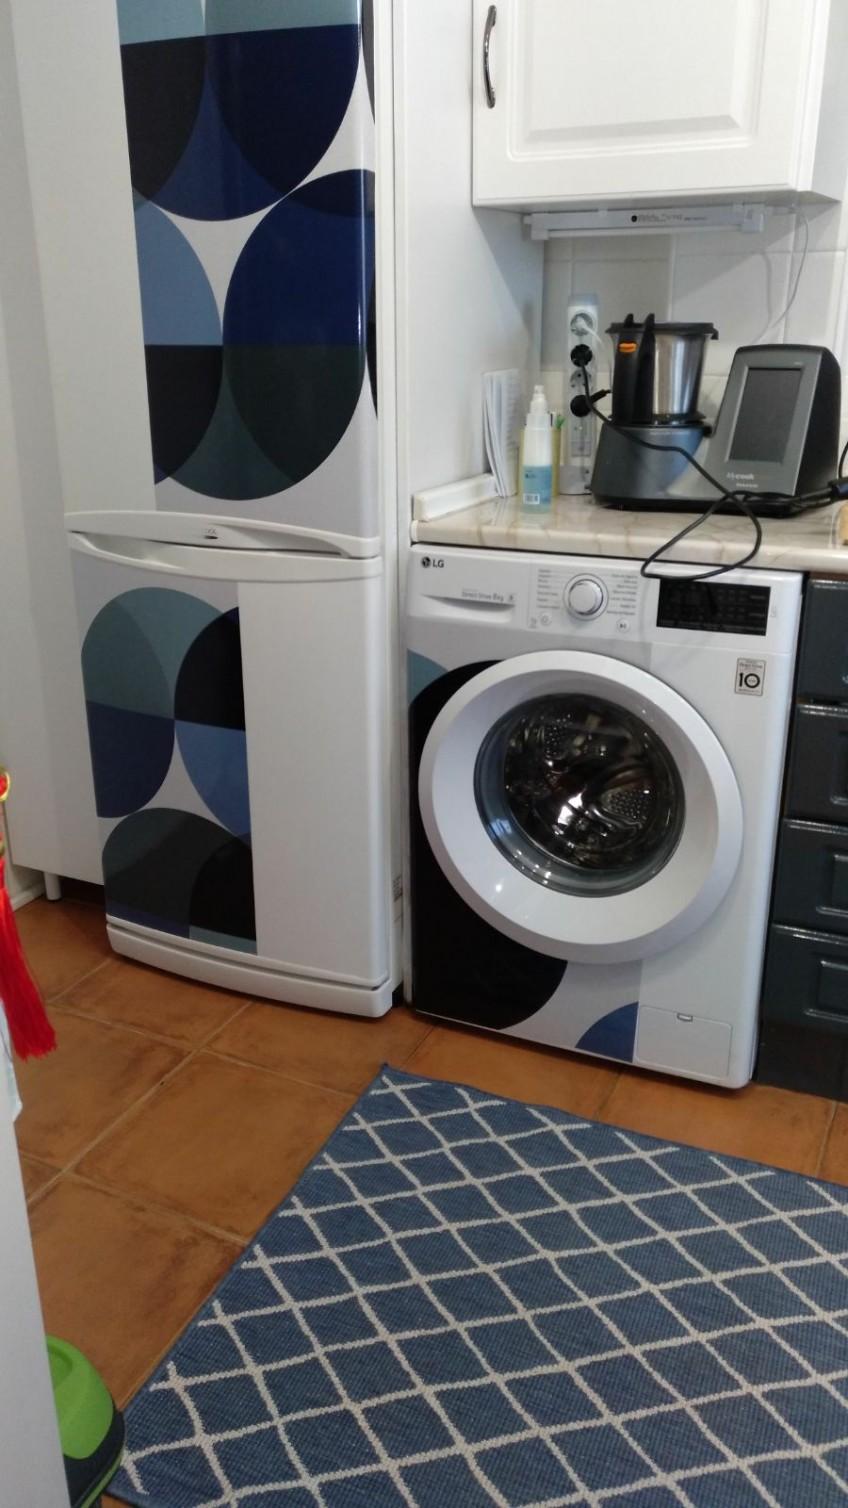 mar-diaz-vinilo-frigorifico-lavadora-geometria1-lokoloko